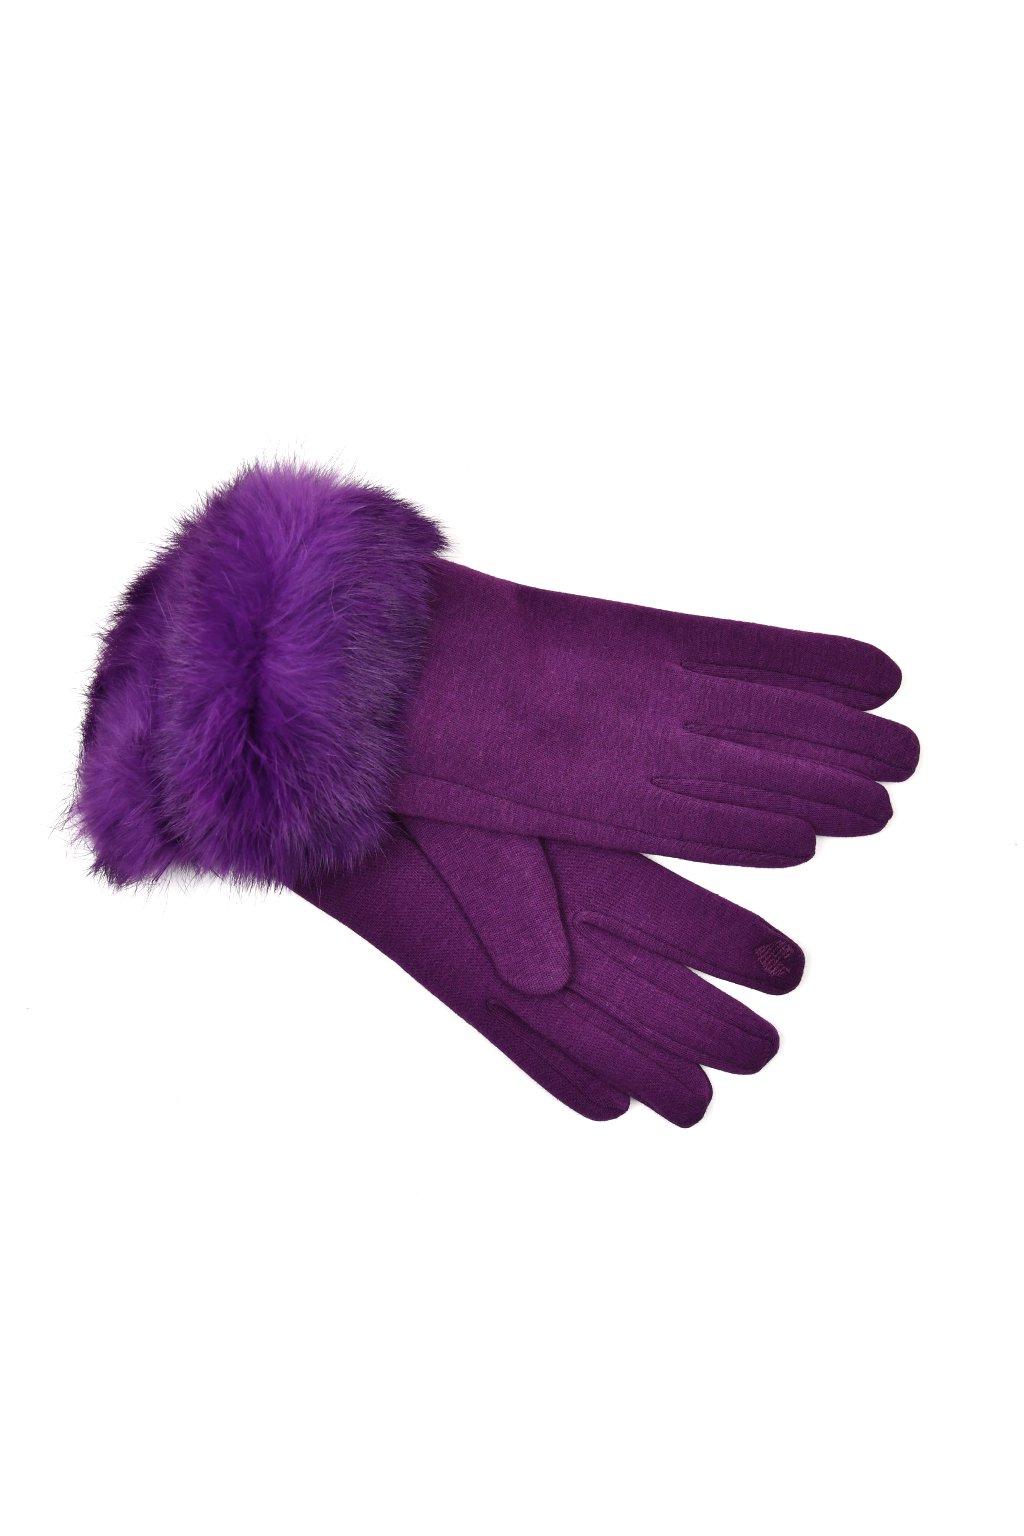 rukavice fialove